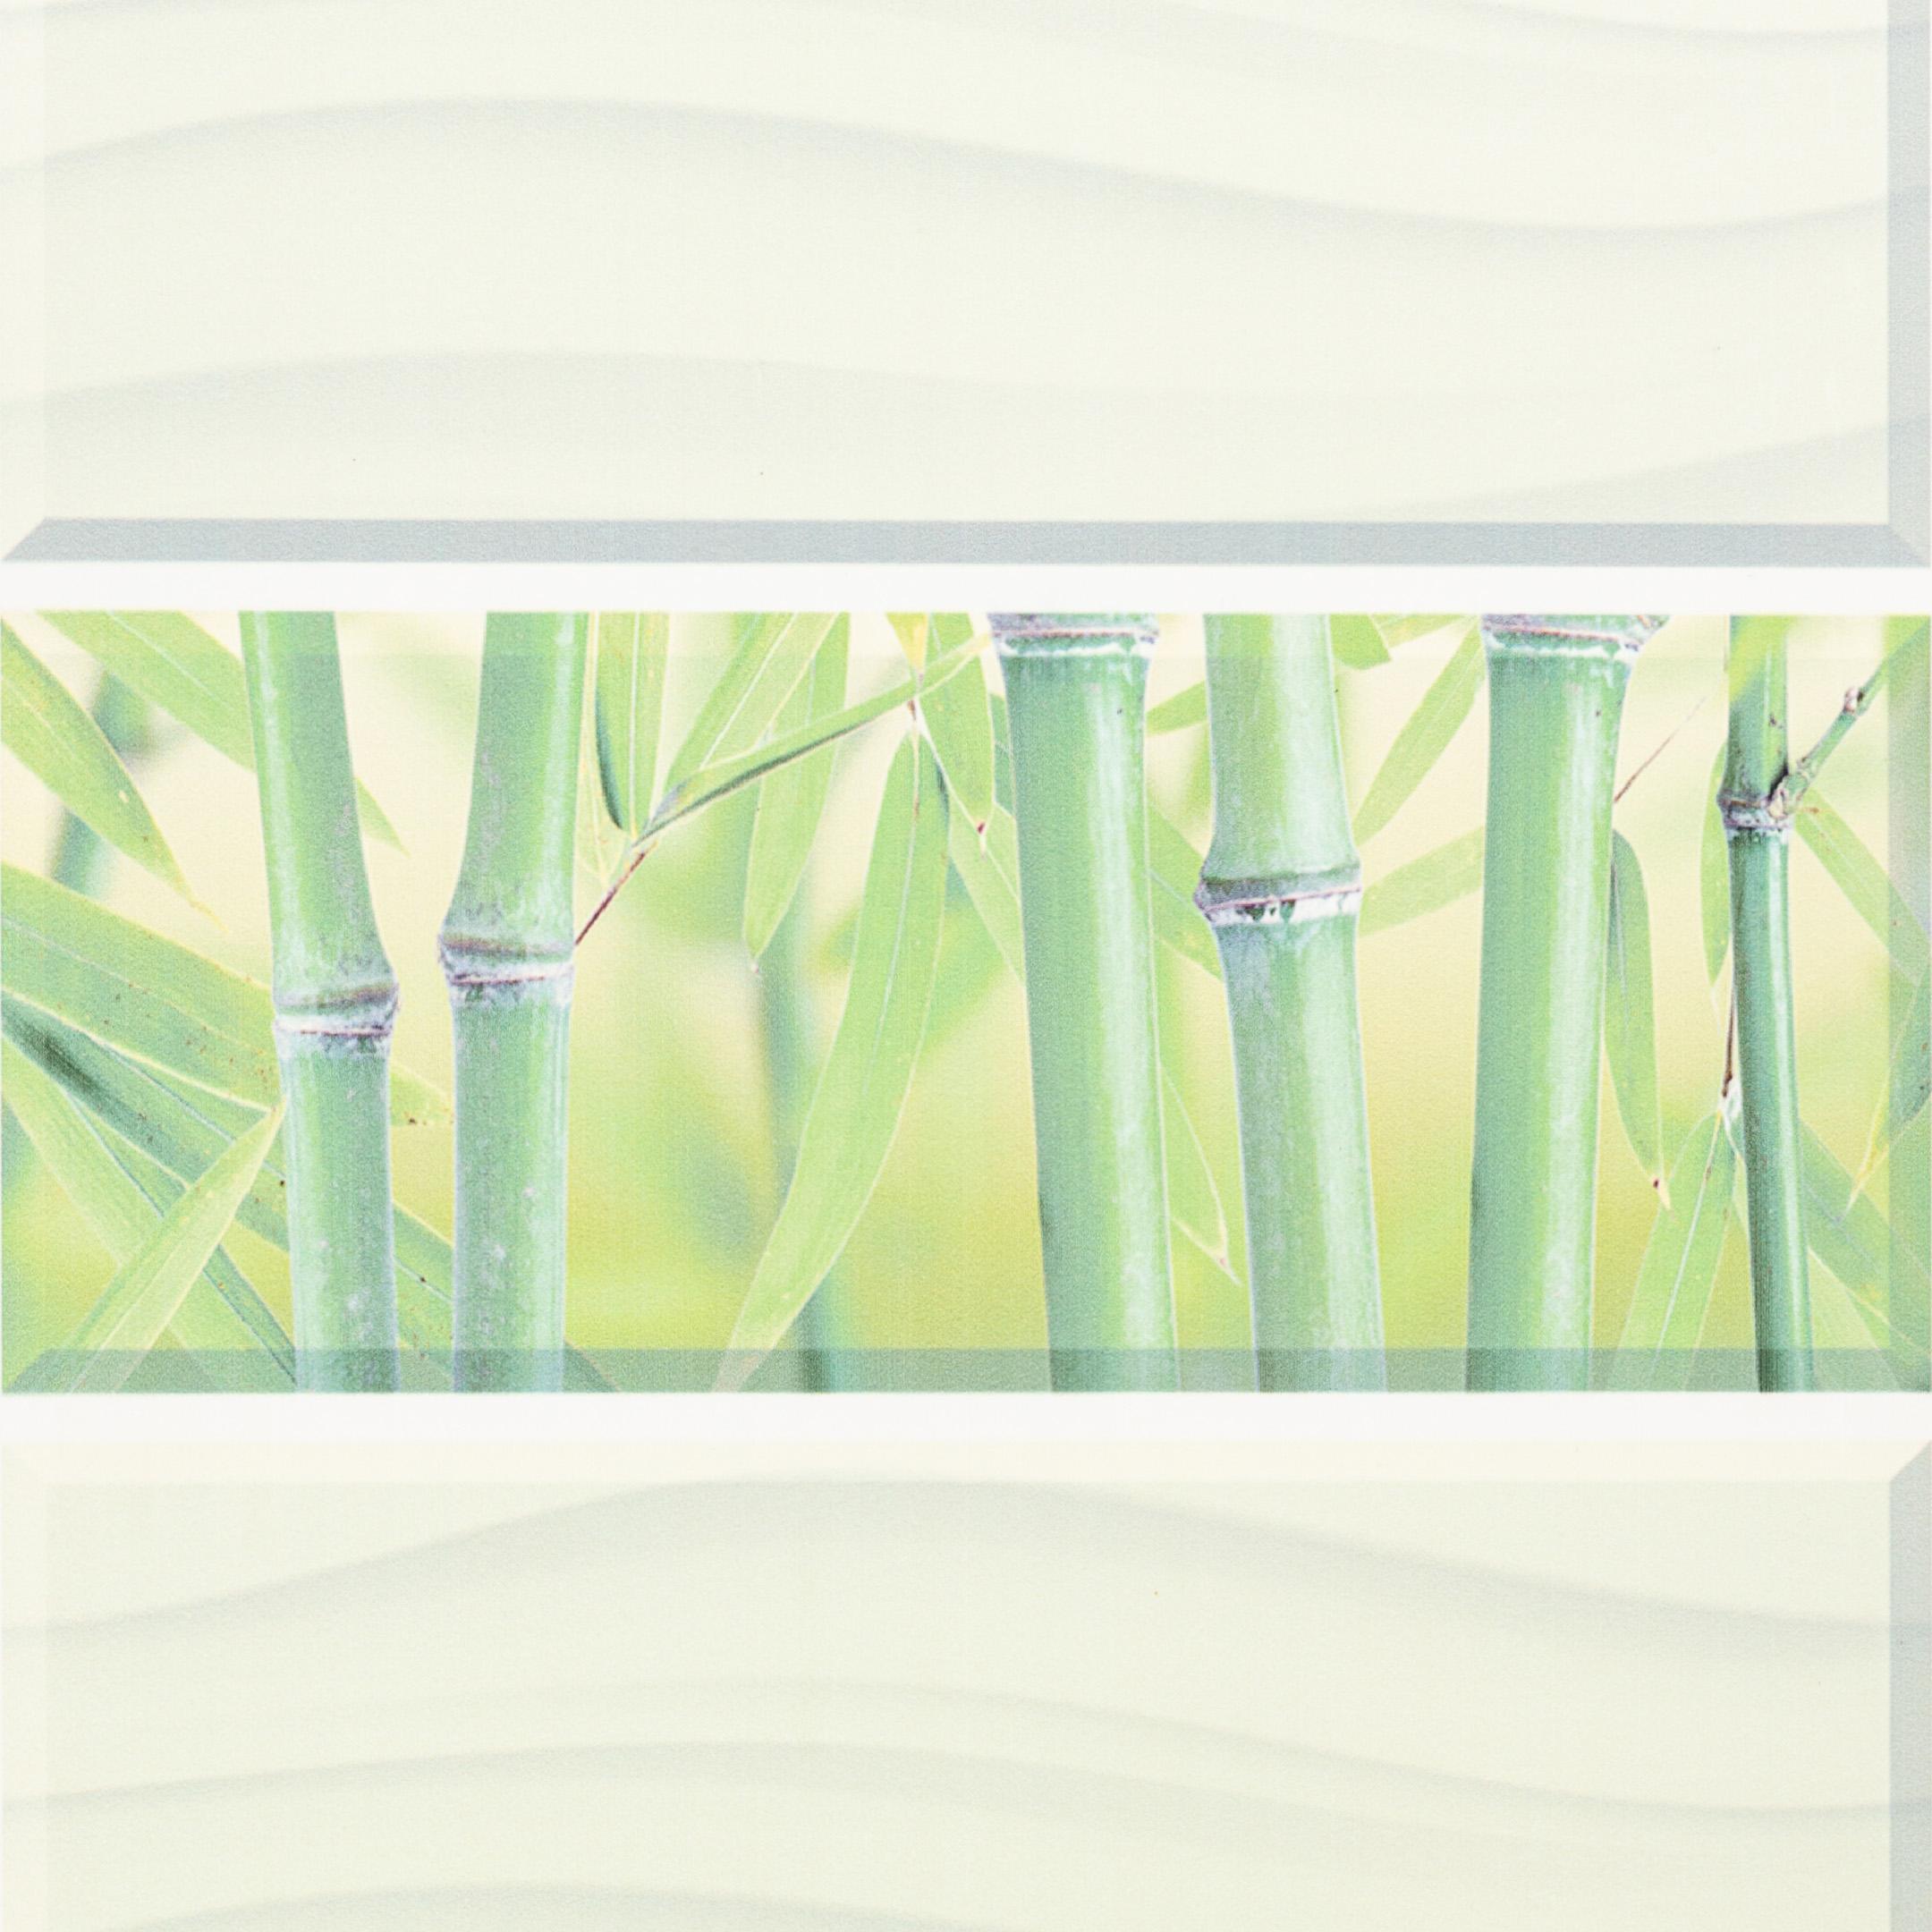 Панель ПВХ 250х2700х8 мм Центурион Blossom бамбук фон.